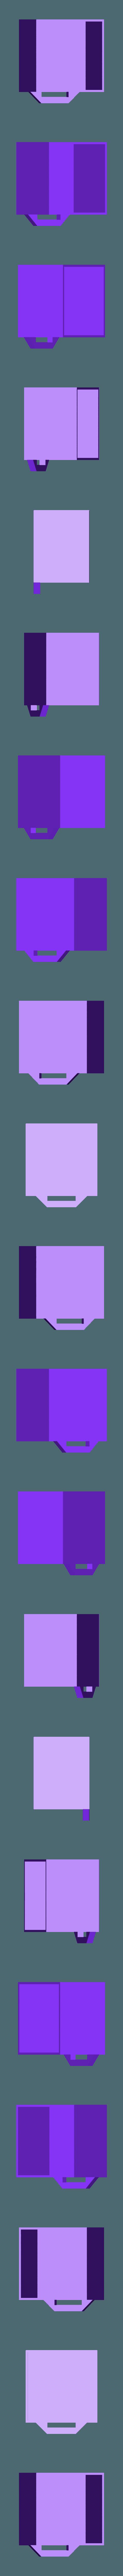 drawer_10x8.stl Télécharger fichier STL gratuit Support de système de stockage multi-box • Modèle pour imprimante 3D, vmi